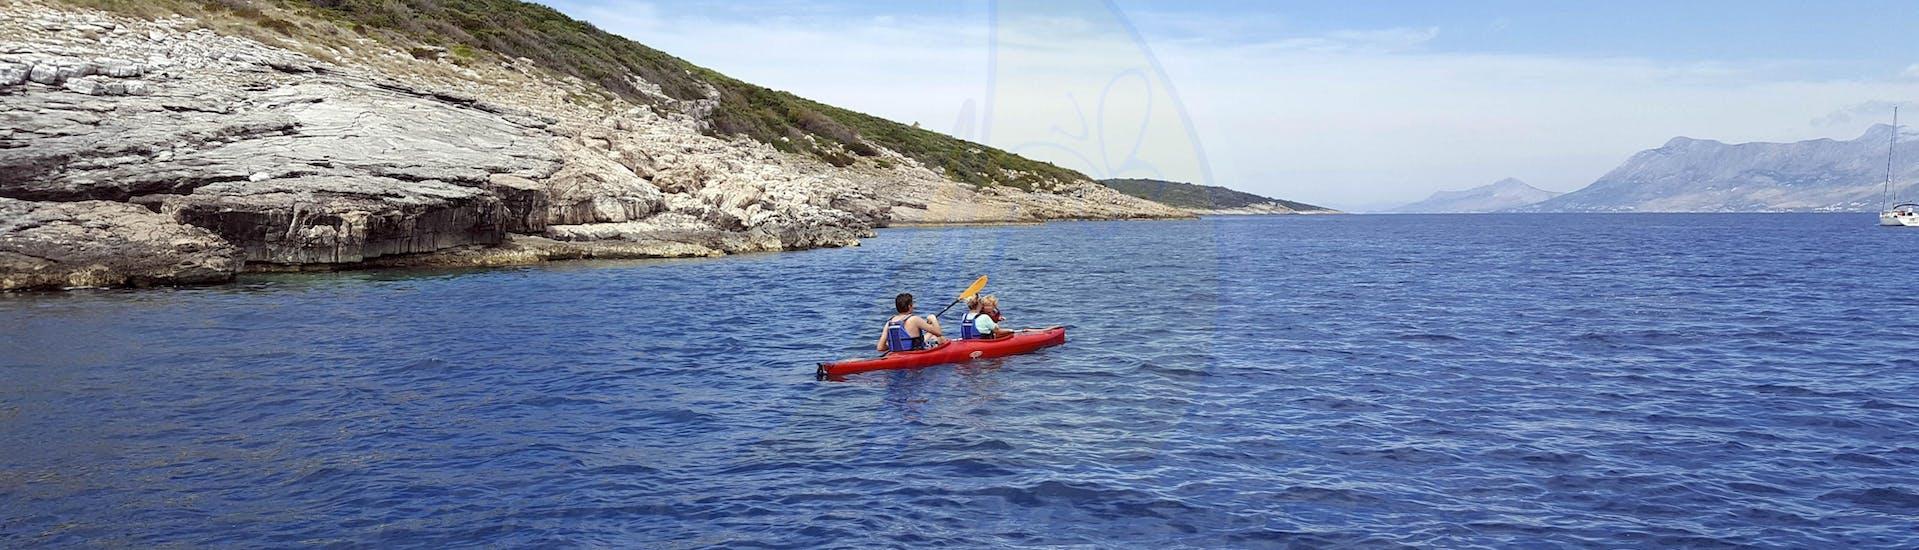 kayak-tour---makarska-riviera-butterfly-diving-sailing-hero